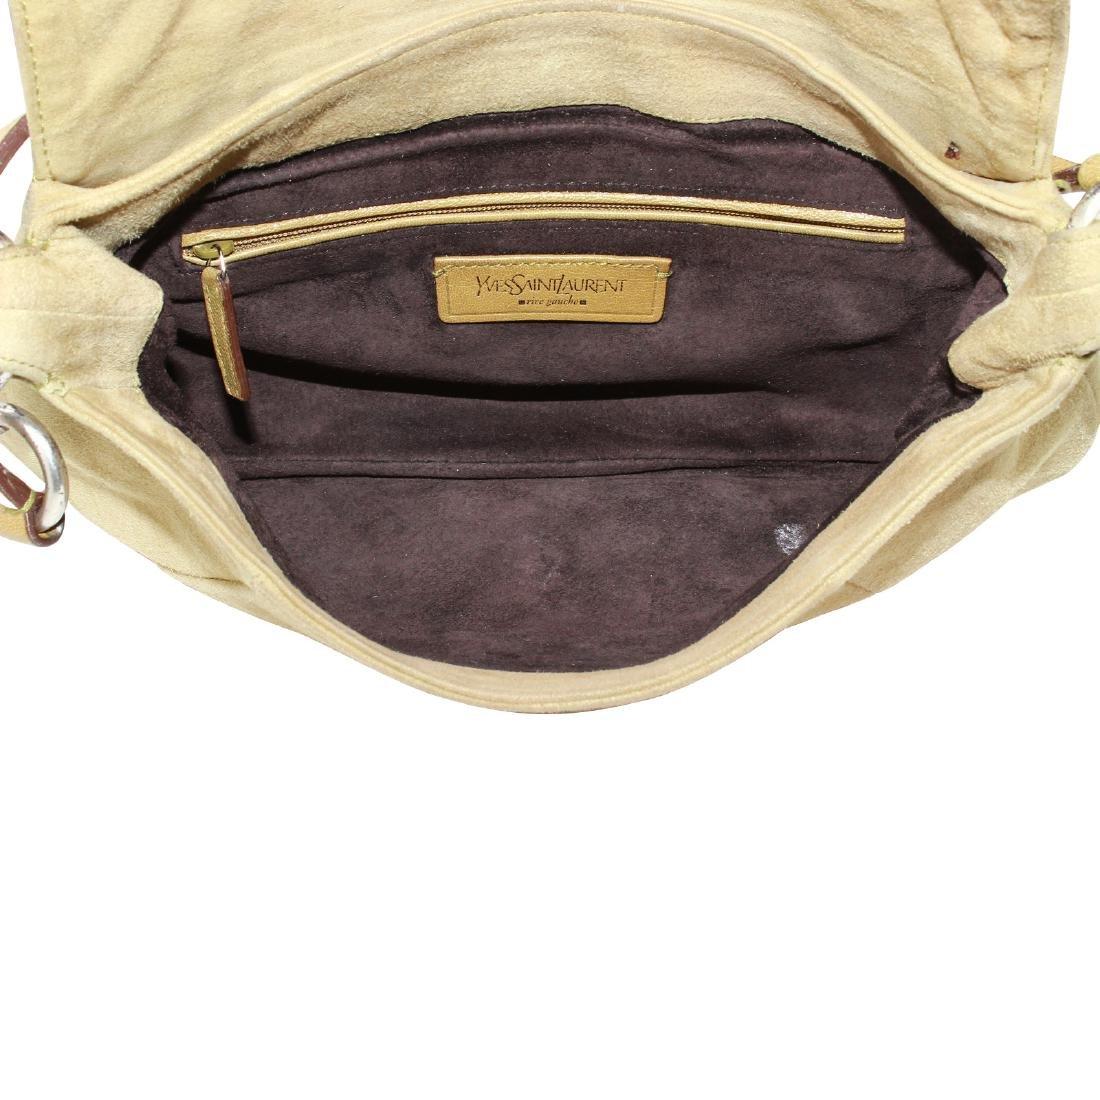 Yves Saint Laurent Nadja Rose Shoulder Bag Beige Suede - 3